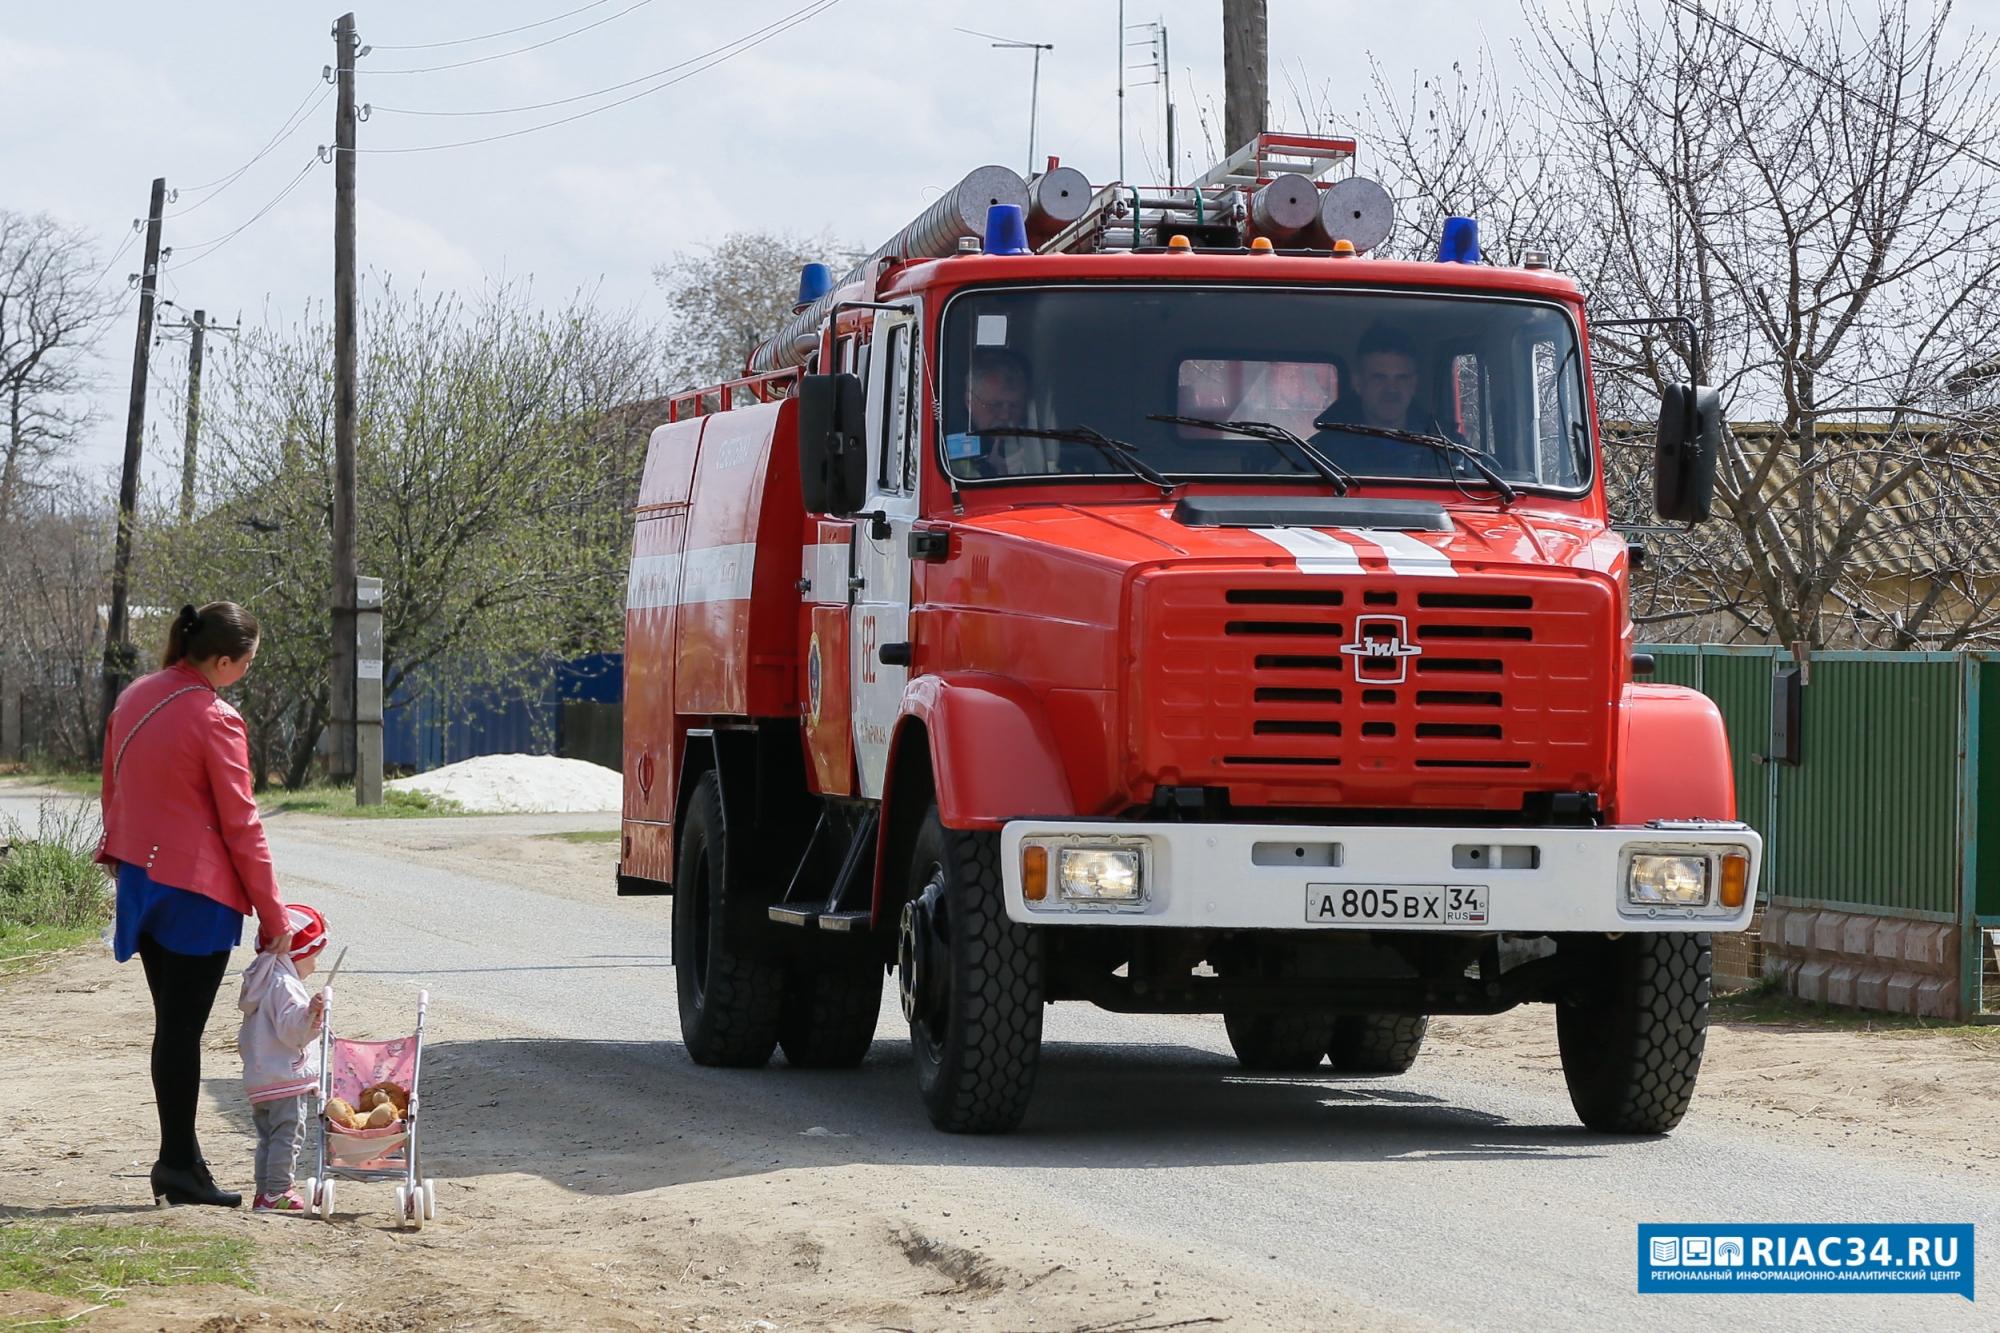 Cотрудники экстренных служб Волгоградской области устранили пожары вКамышине ивВолжском